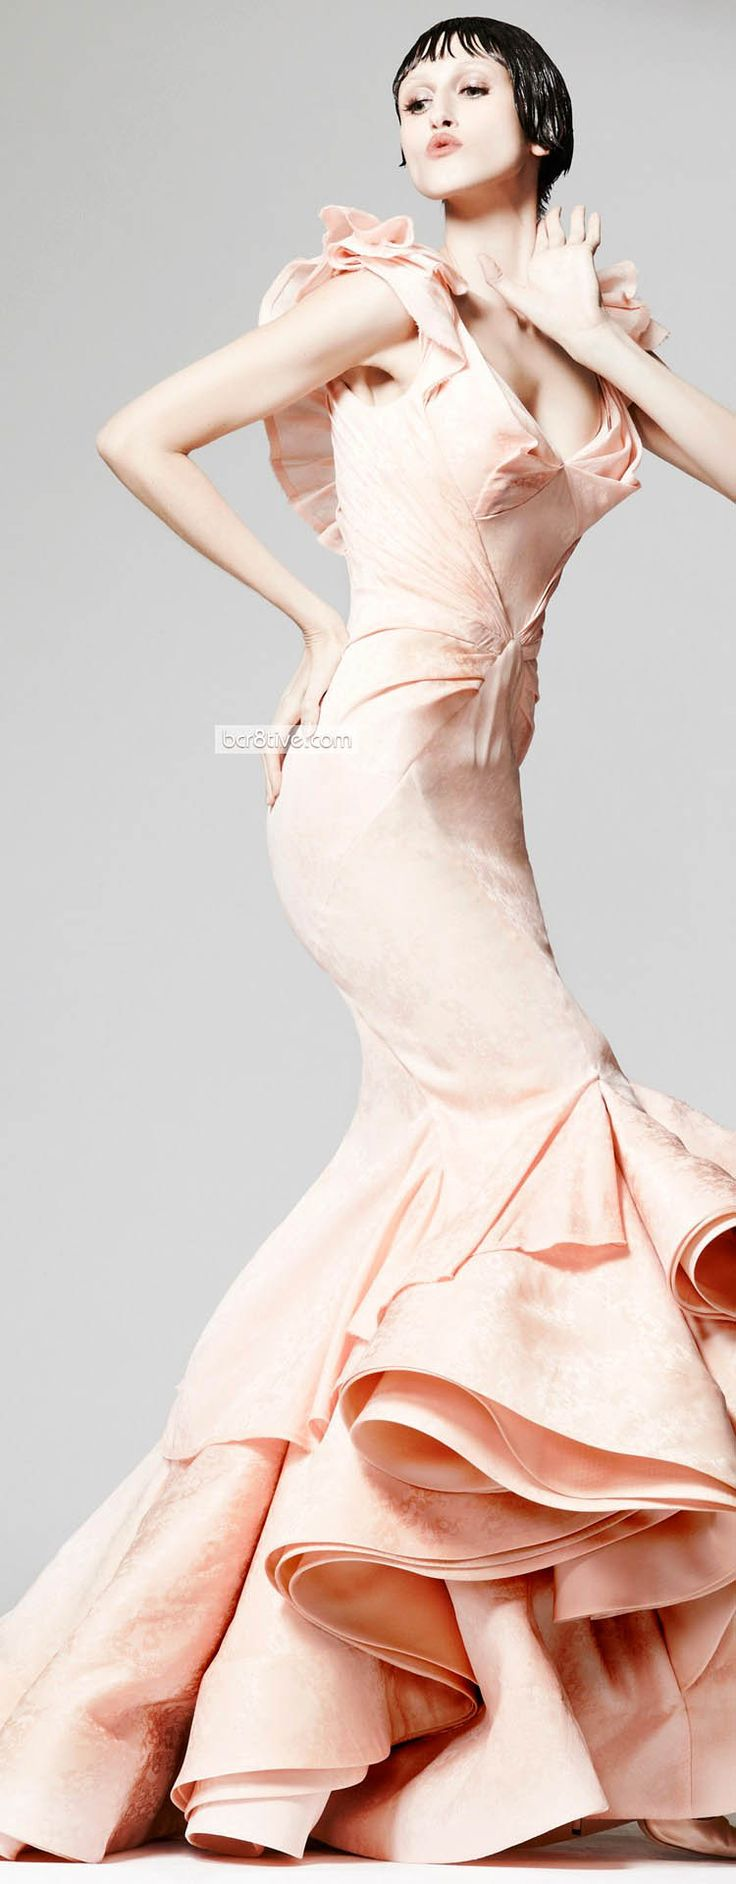 لعروس 2013 فى ليلة عمرهاباسيل صودا وارقى الفساتينأزياءدوناتيلا فيرساتشي لخريف